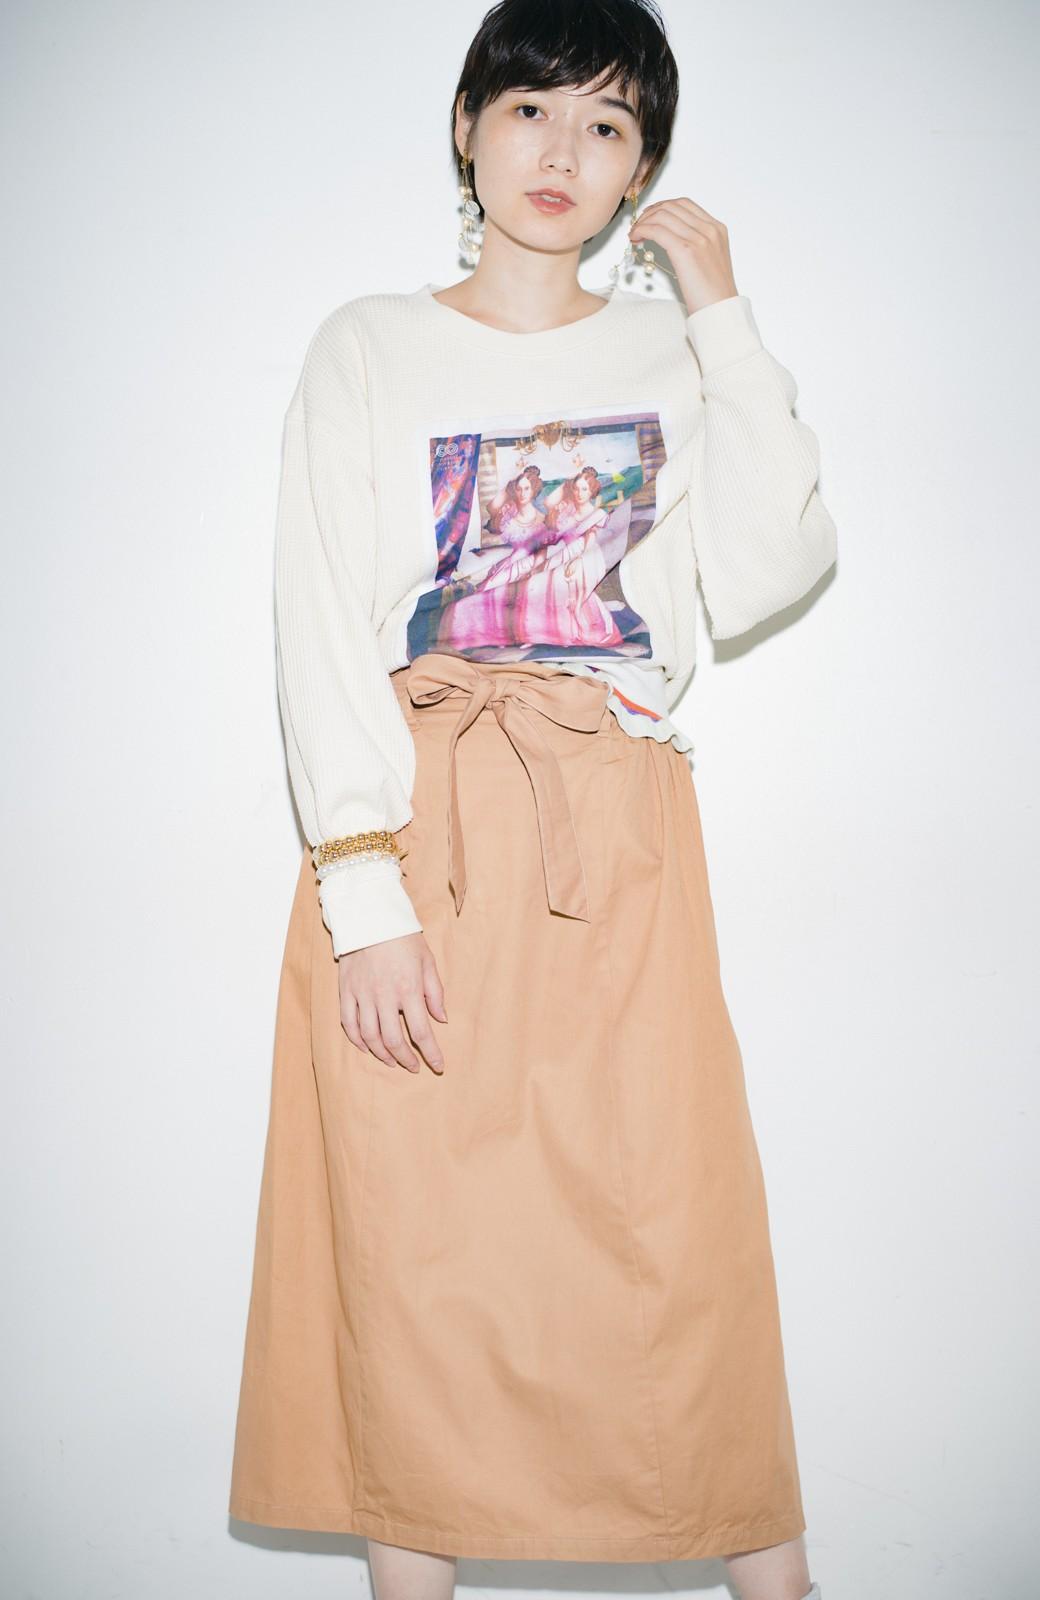 haco! haco! × RBTXCO後ろ姿にトキメキ 箔プリントとヒョウ柄ゴムのウエストリボンスカート <ベージュ>の商品写真11